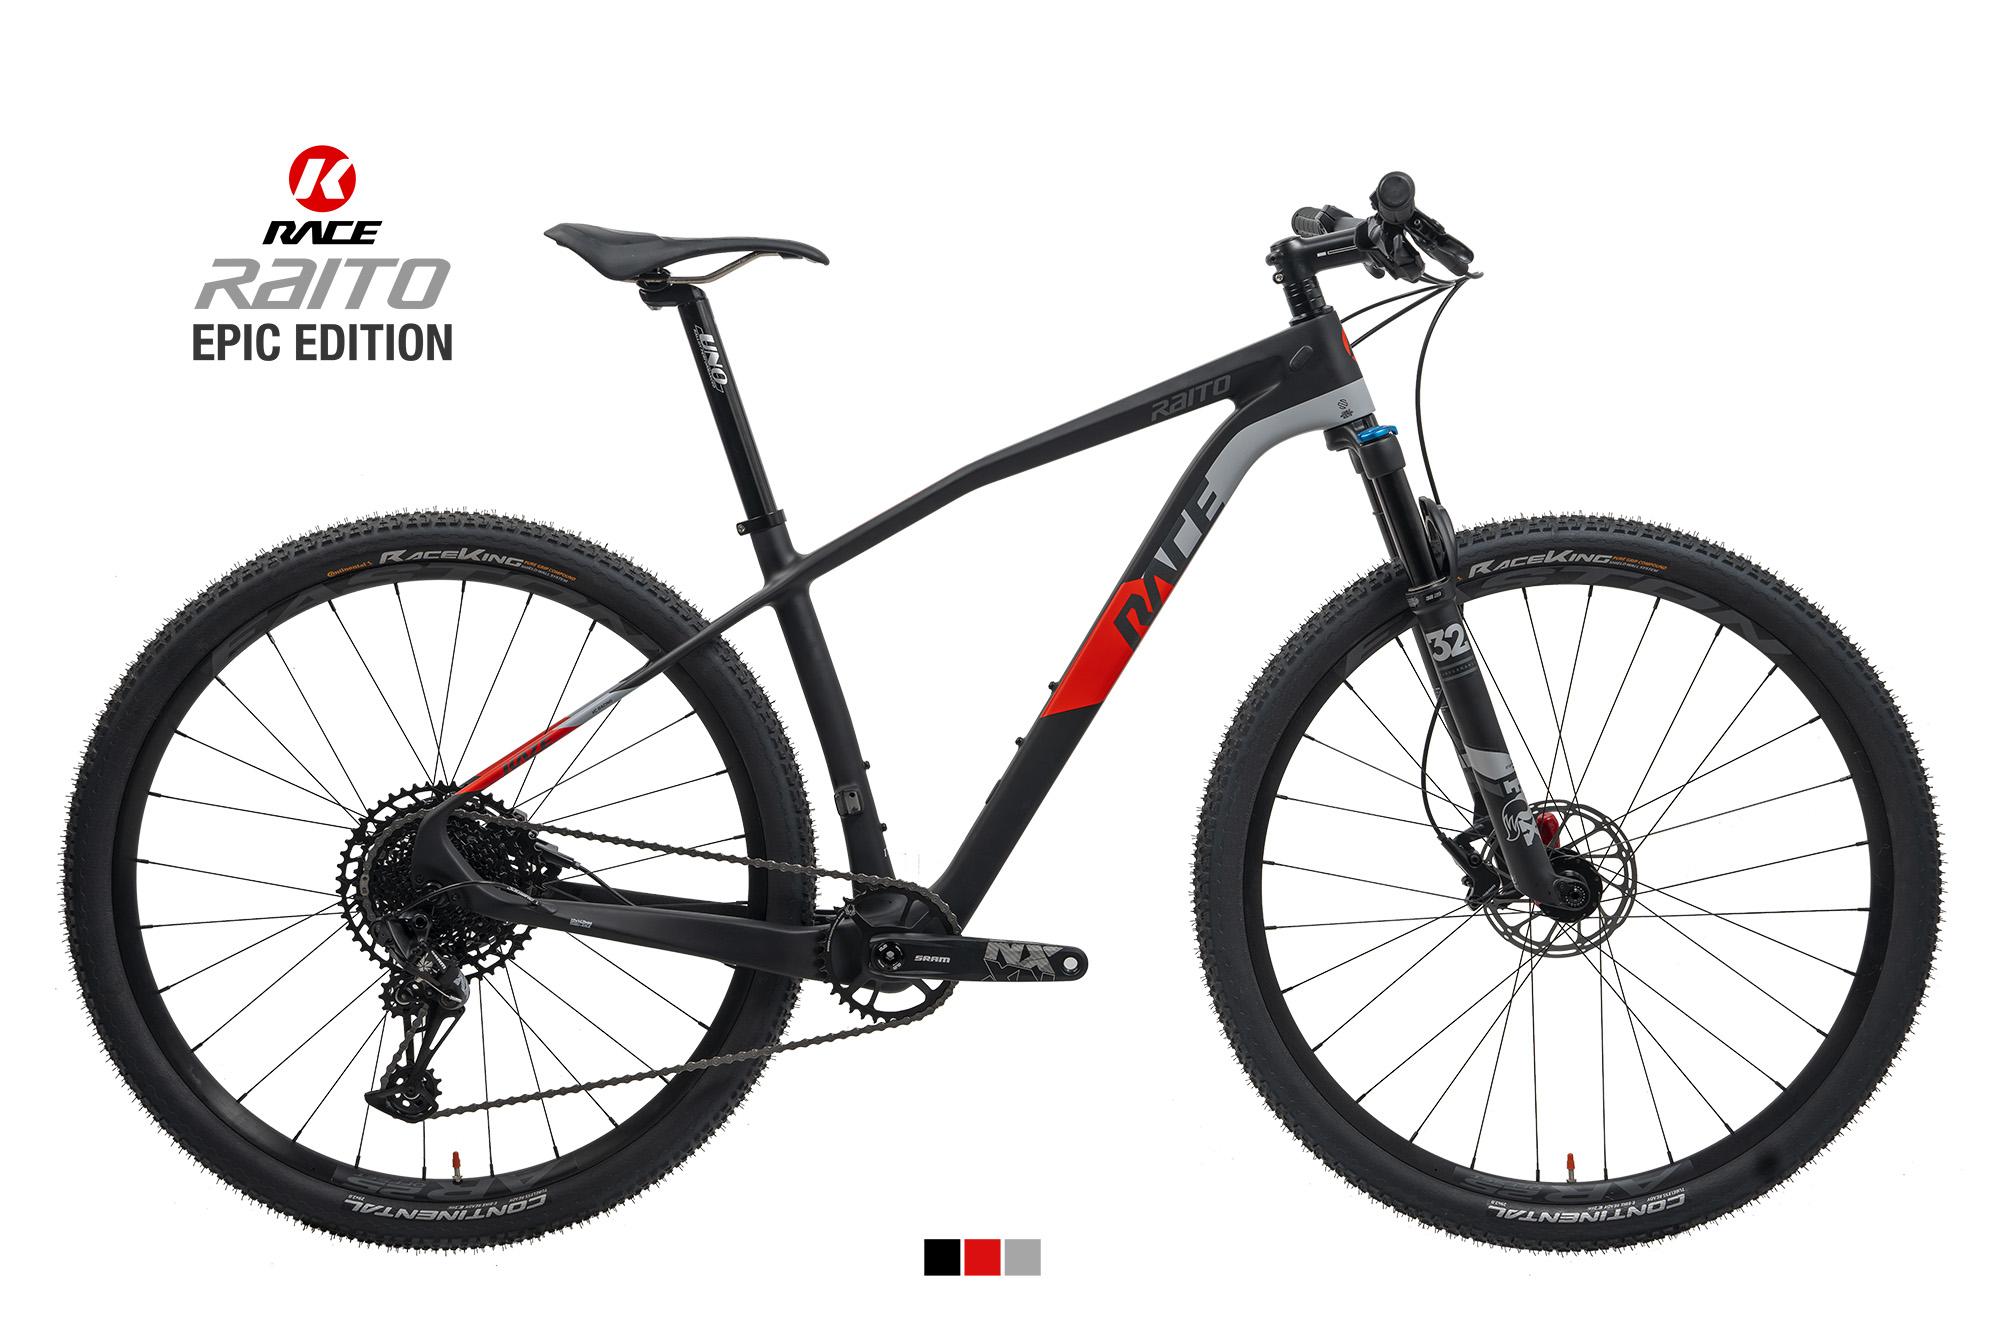 KAZE RACE | Raito 29er EPIC Limited